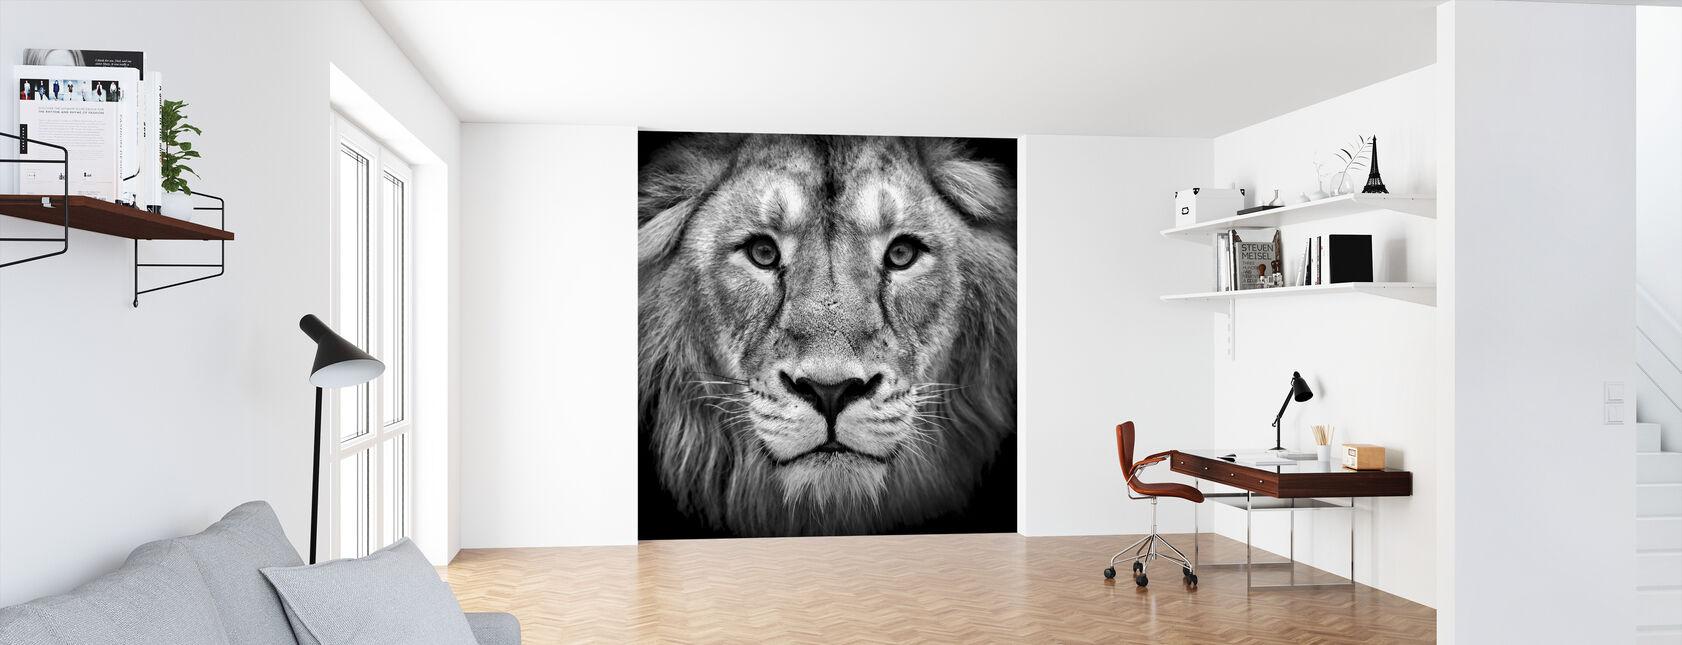 Wijze Leeuw, zwart en wit - Behang - Kantoor